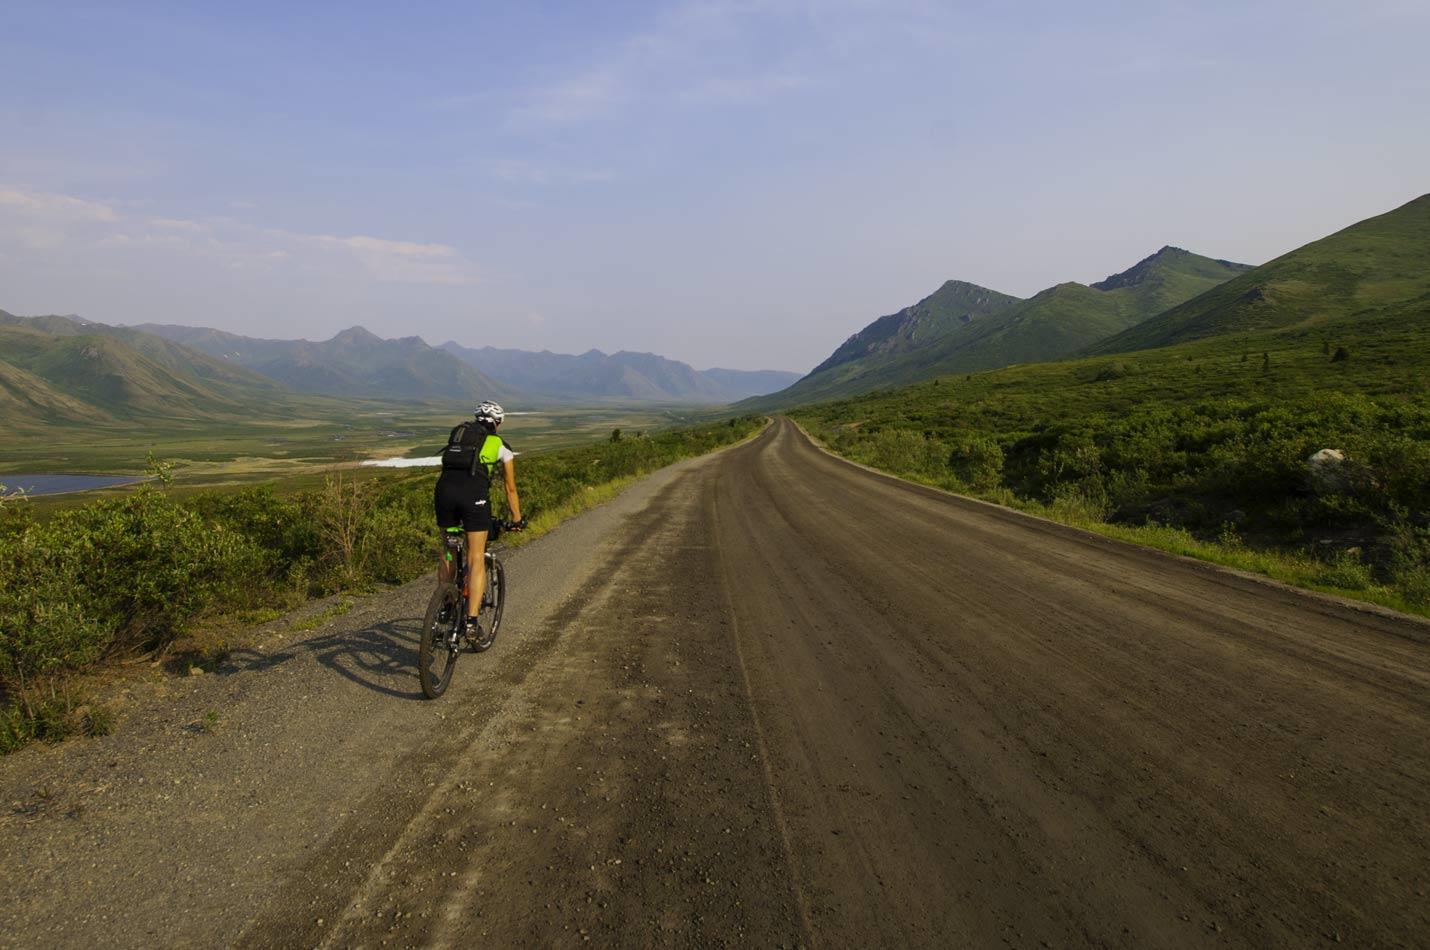 Kanada Dempster Hwy Eine Bikerin auf einer endlosen Schotterstrasse